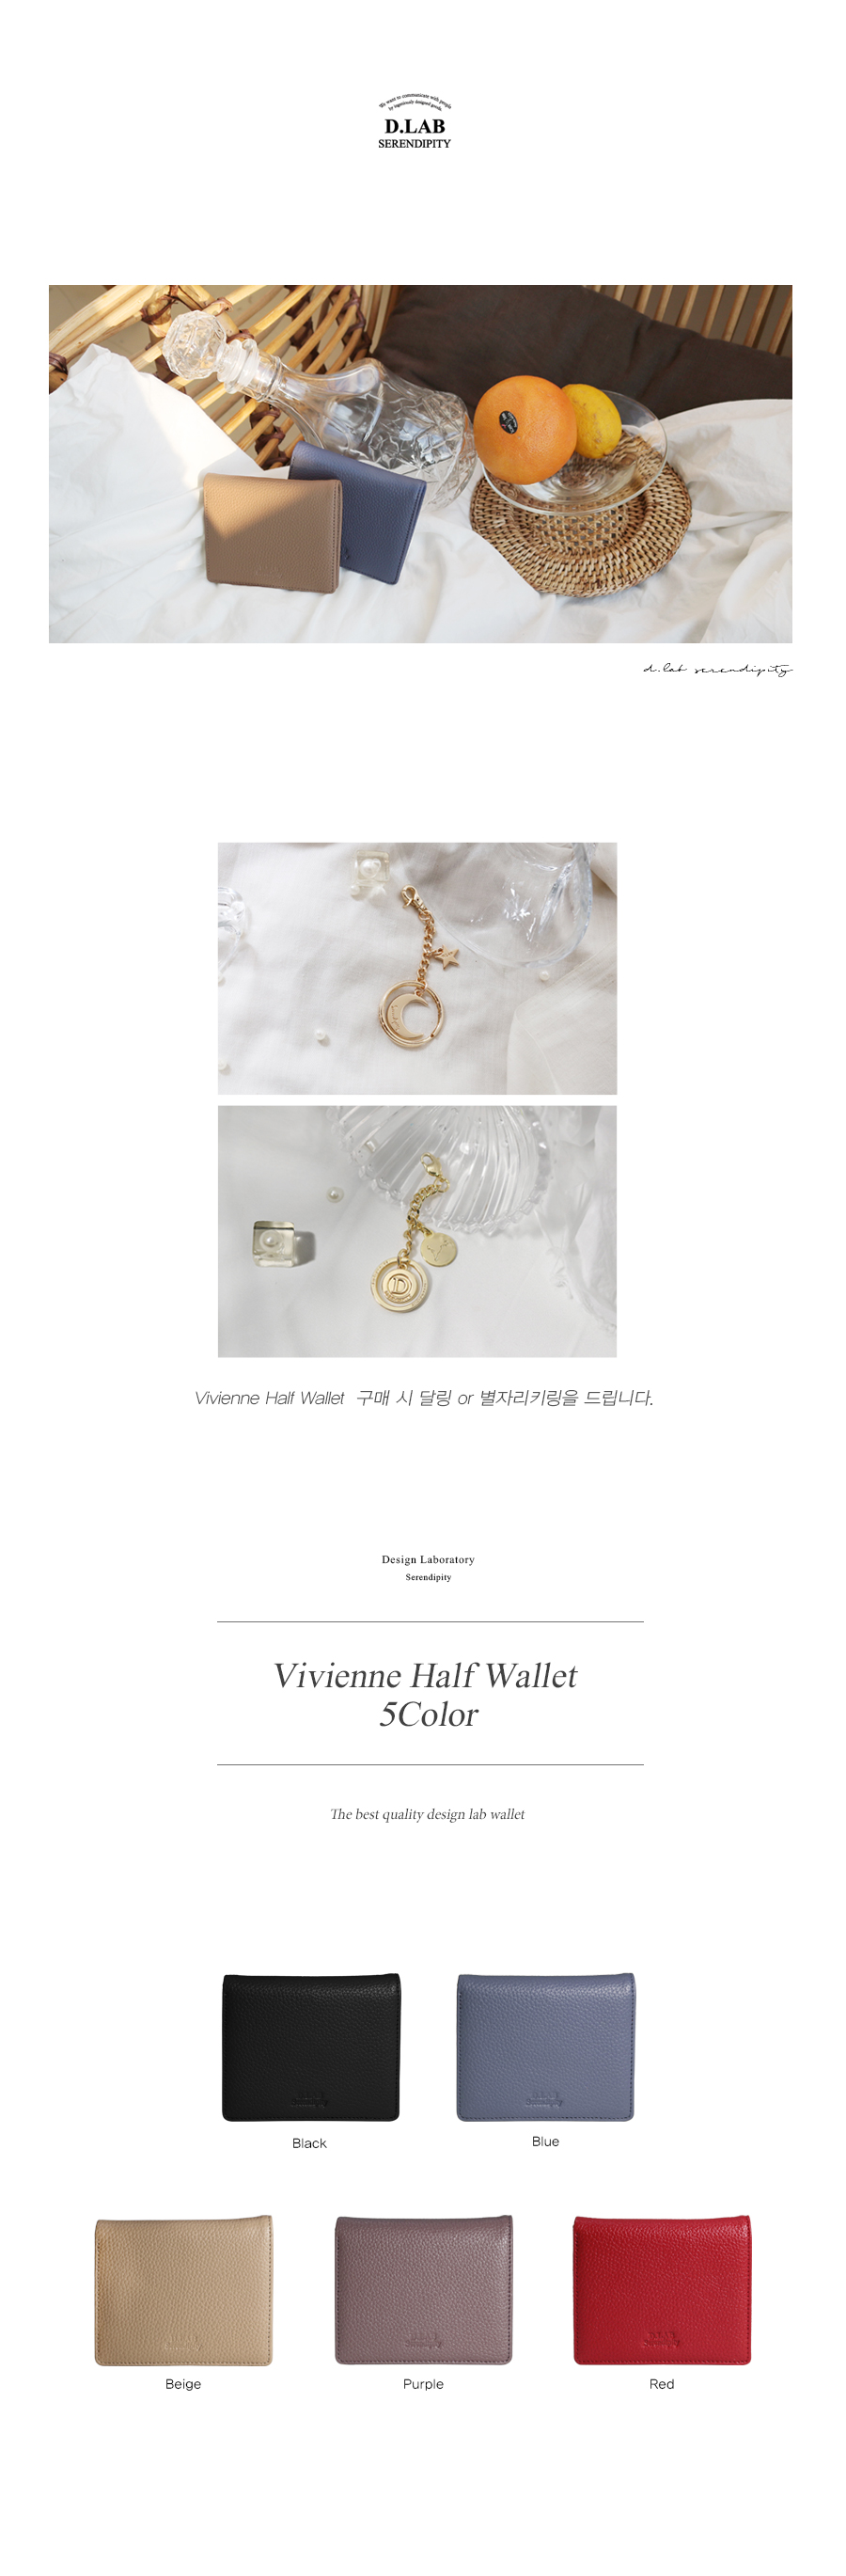 Vivienne_Half_Wallet_900_01.jpg